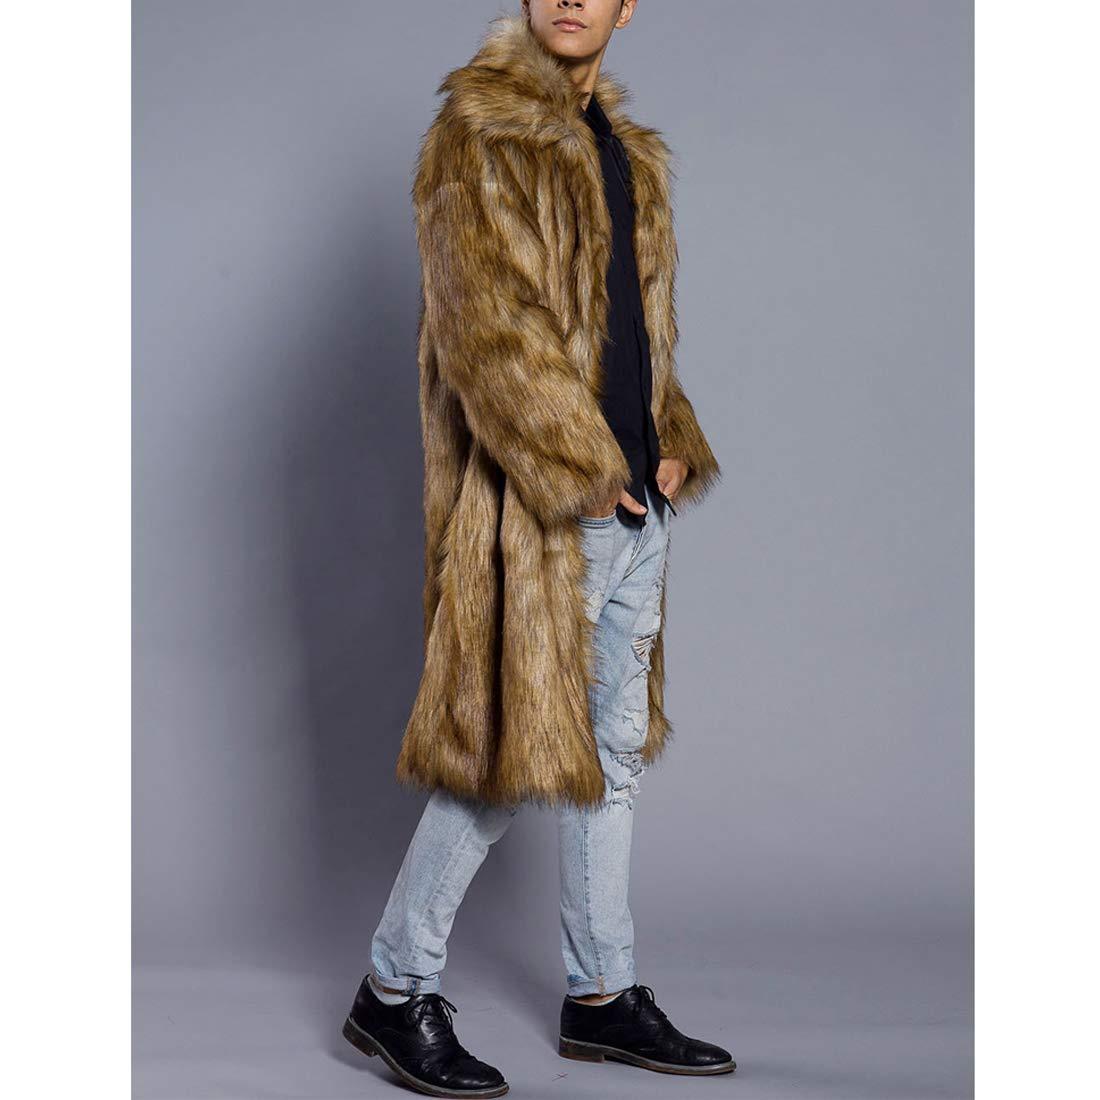 DorkasDE Herren Pelz Mantel Fellmantel Kunstpelz Jacke Warm Warm Warm Winterjacke B07GTFW7SB Jacken Wert cf2d8f